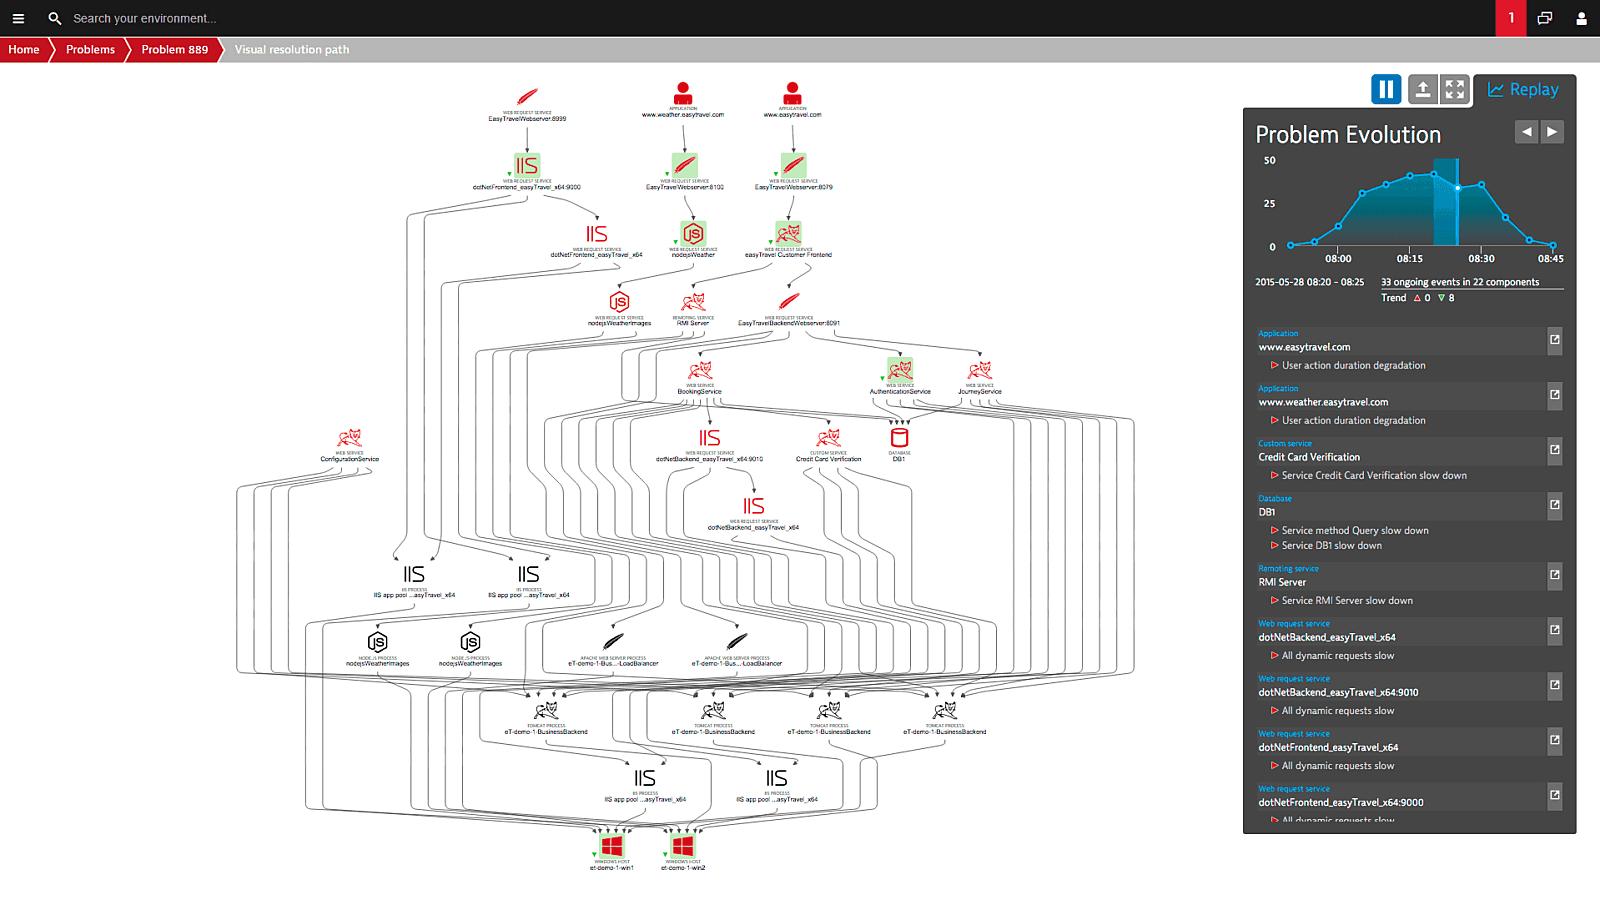 Dynatrace apm use cases problem evolution